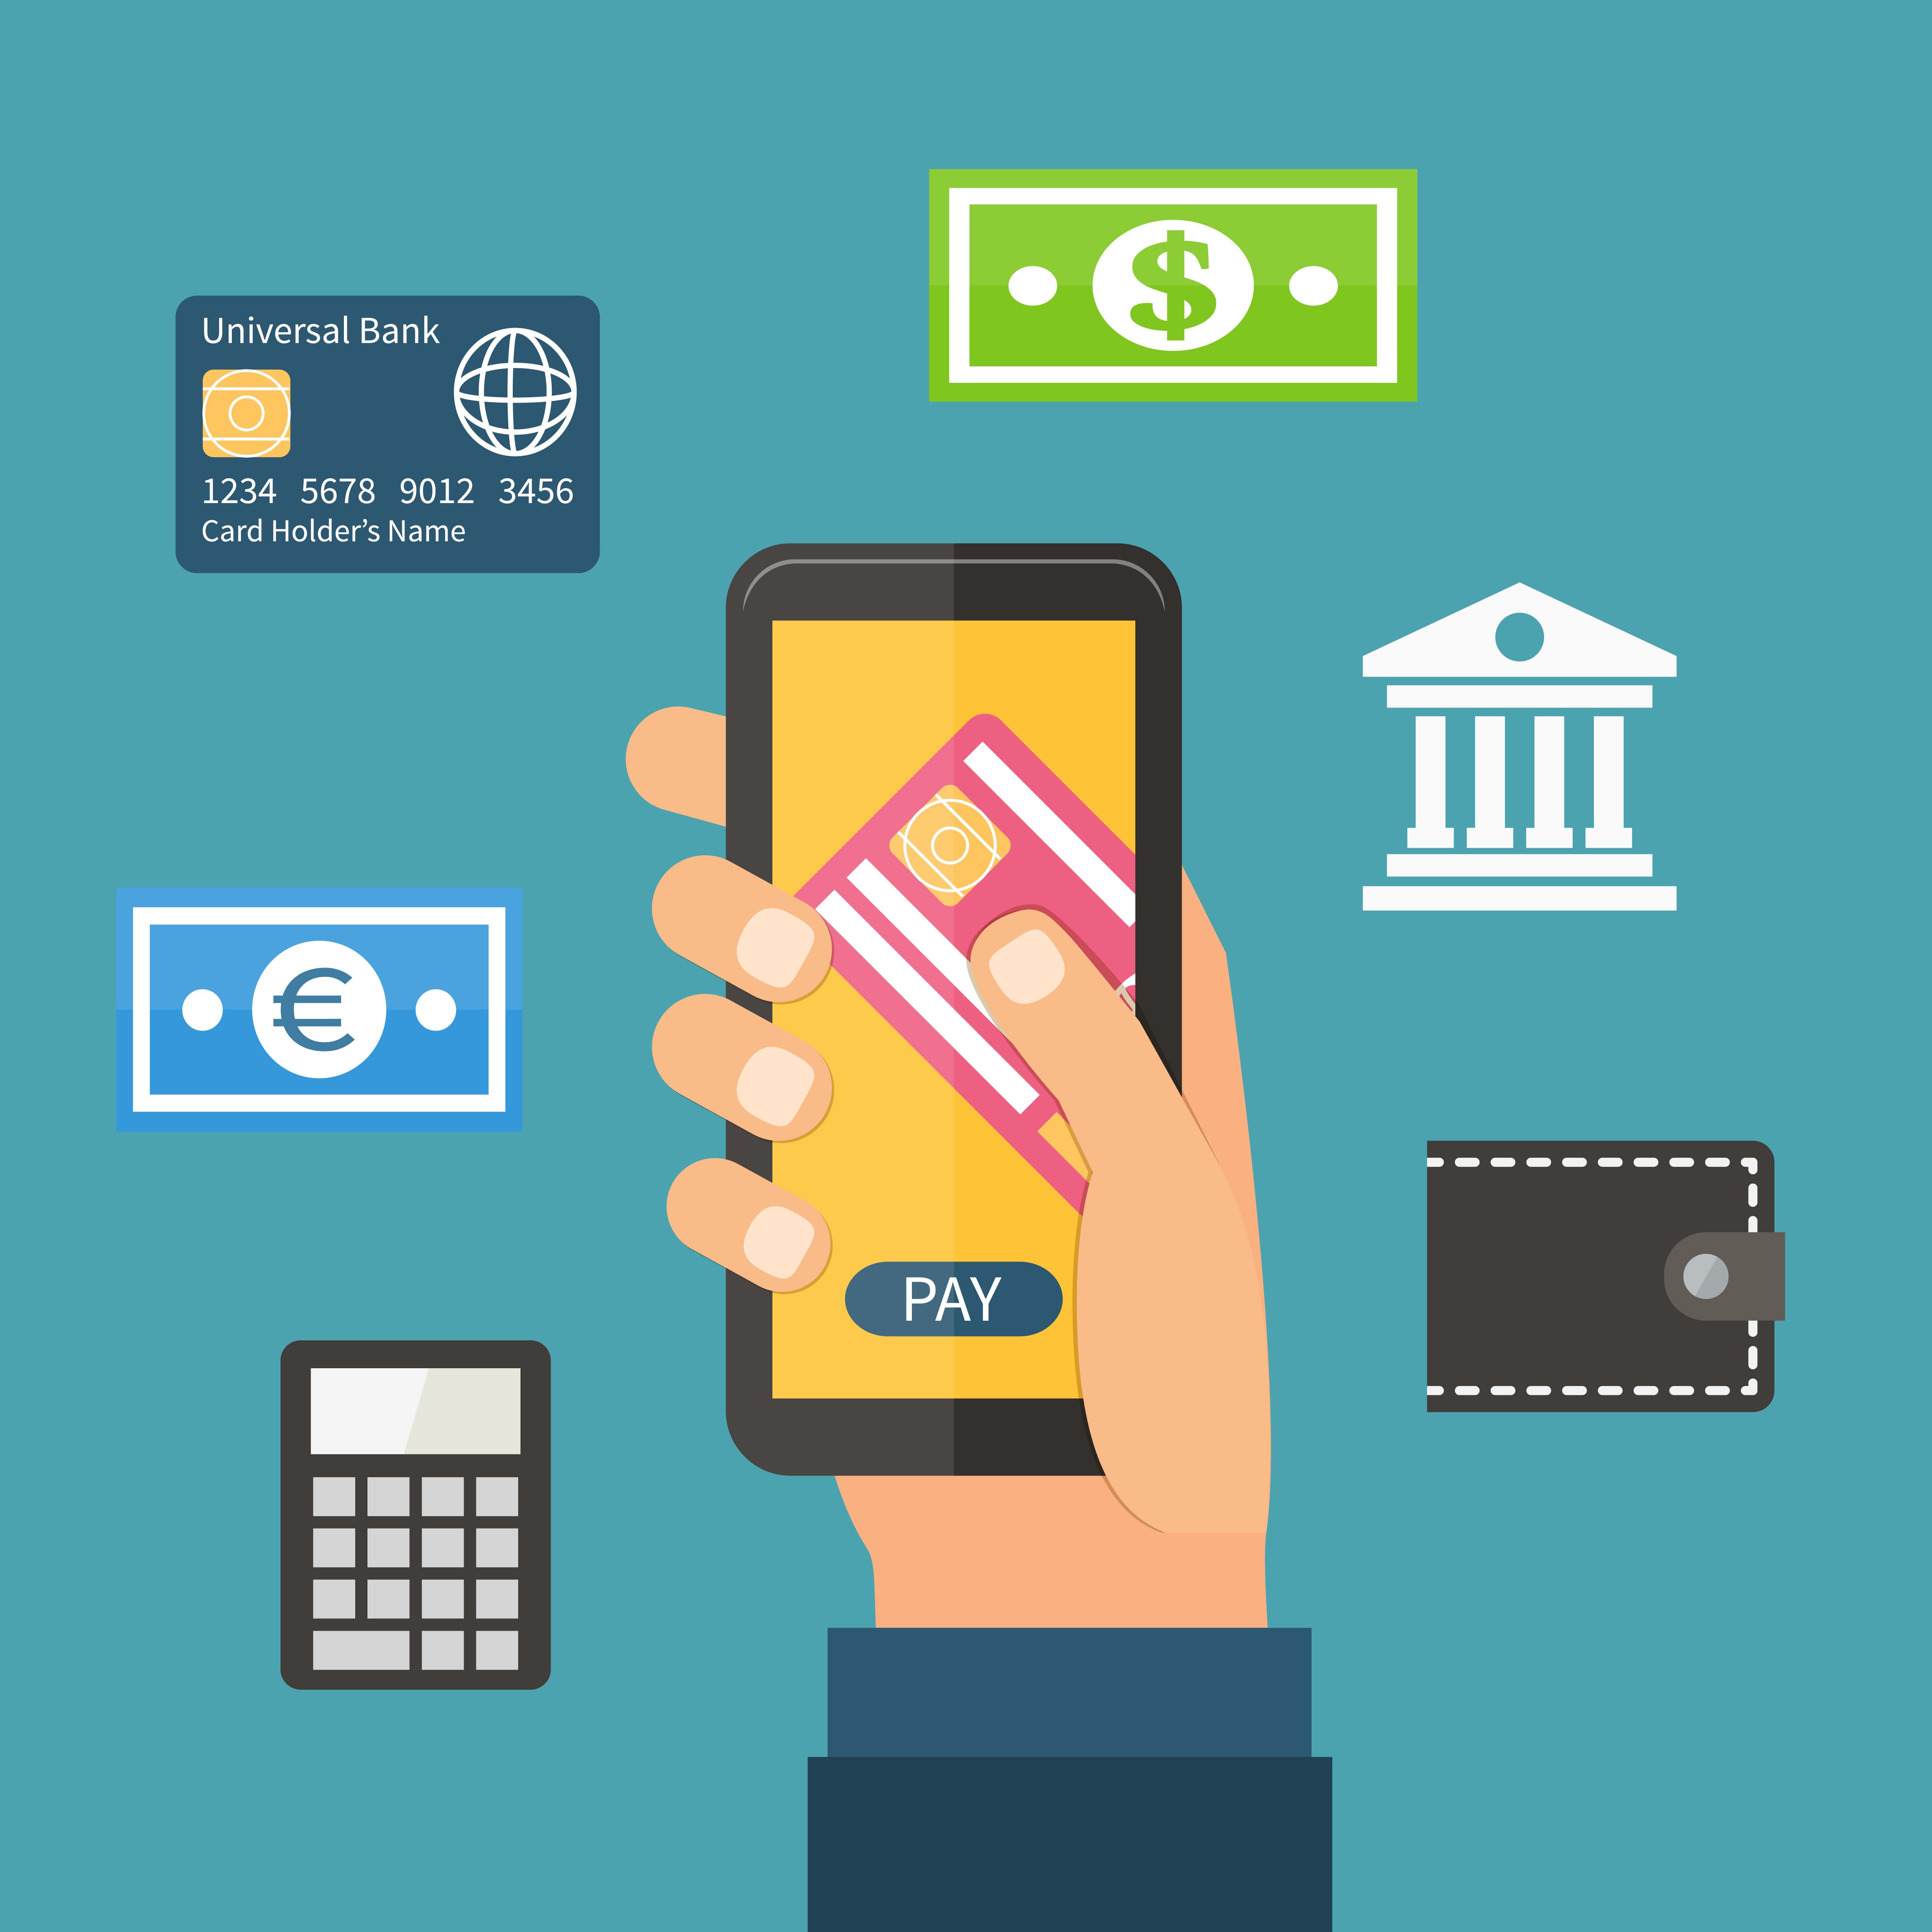 จับกระแสการเติบโตของตลาด E-Wallet ในอาเซียน